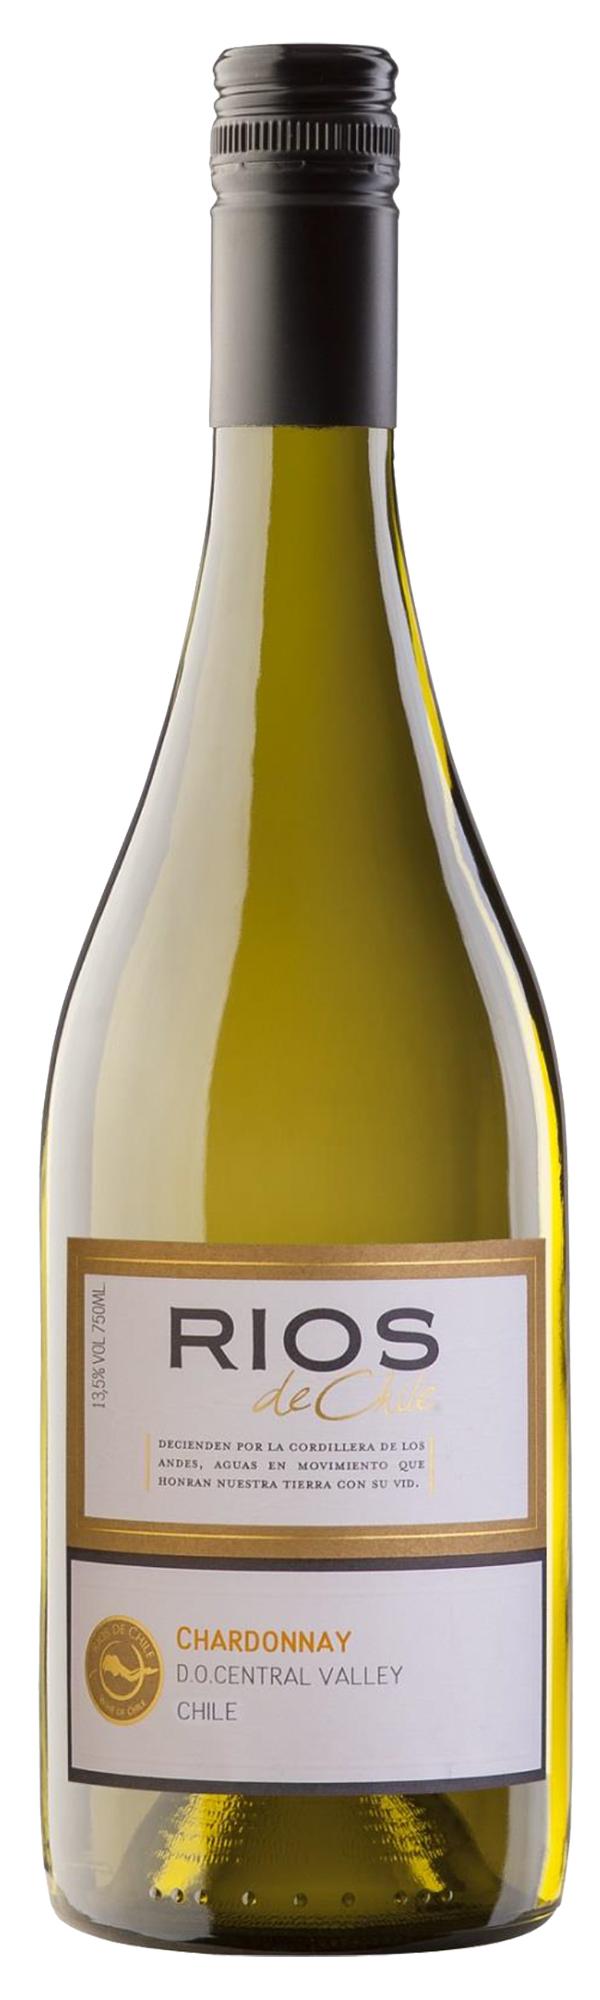 Rios de Chile Varietal Chardonnay